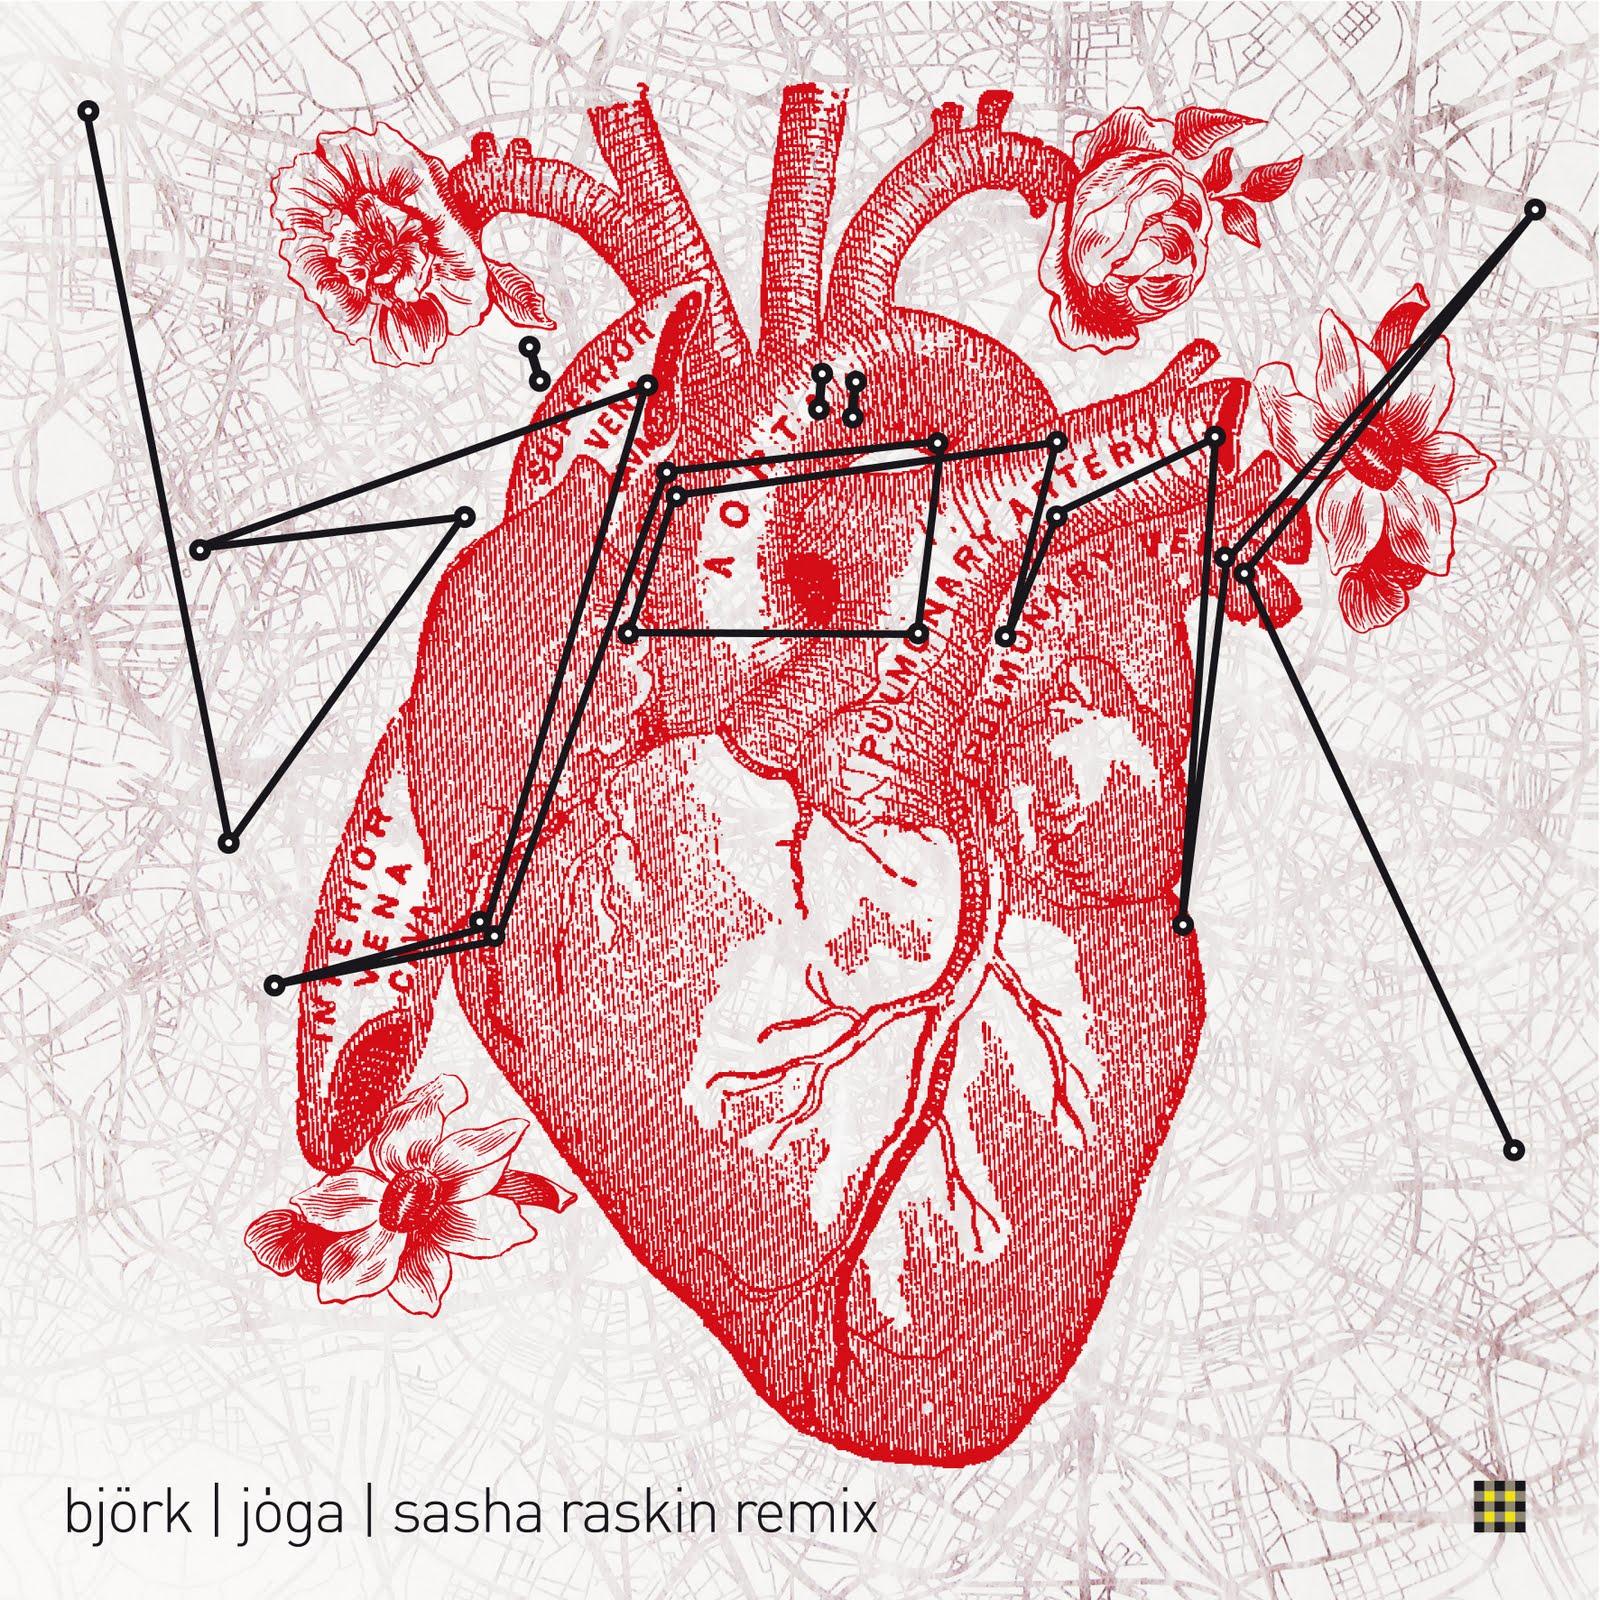 http://3.bp.blogspot.com/-ghUnrrtQwW8/Tf8rZKTcAKI/AAAAAAAAAlQ/qmdOAMP4Zww/s1600/BJORK_sasha_vboni.jpg